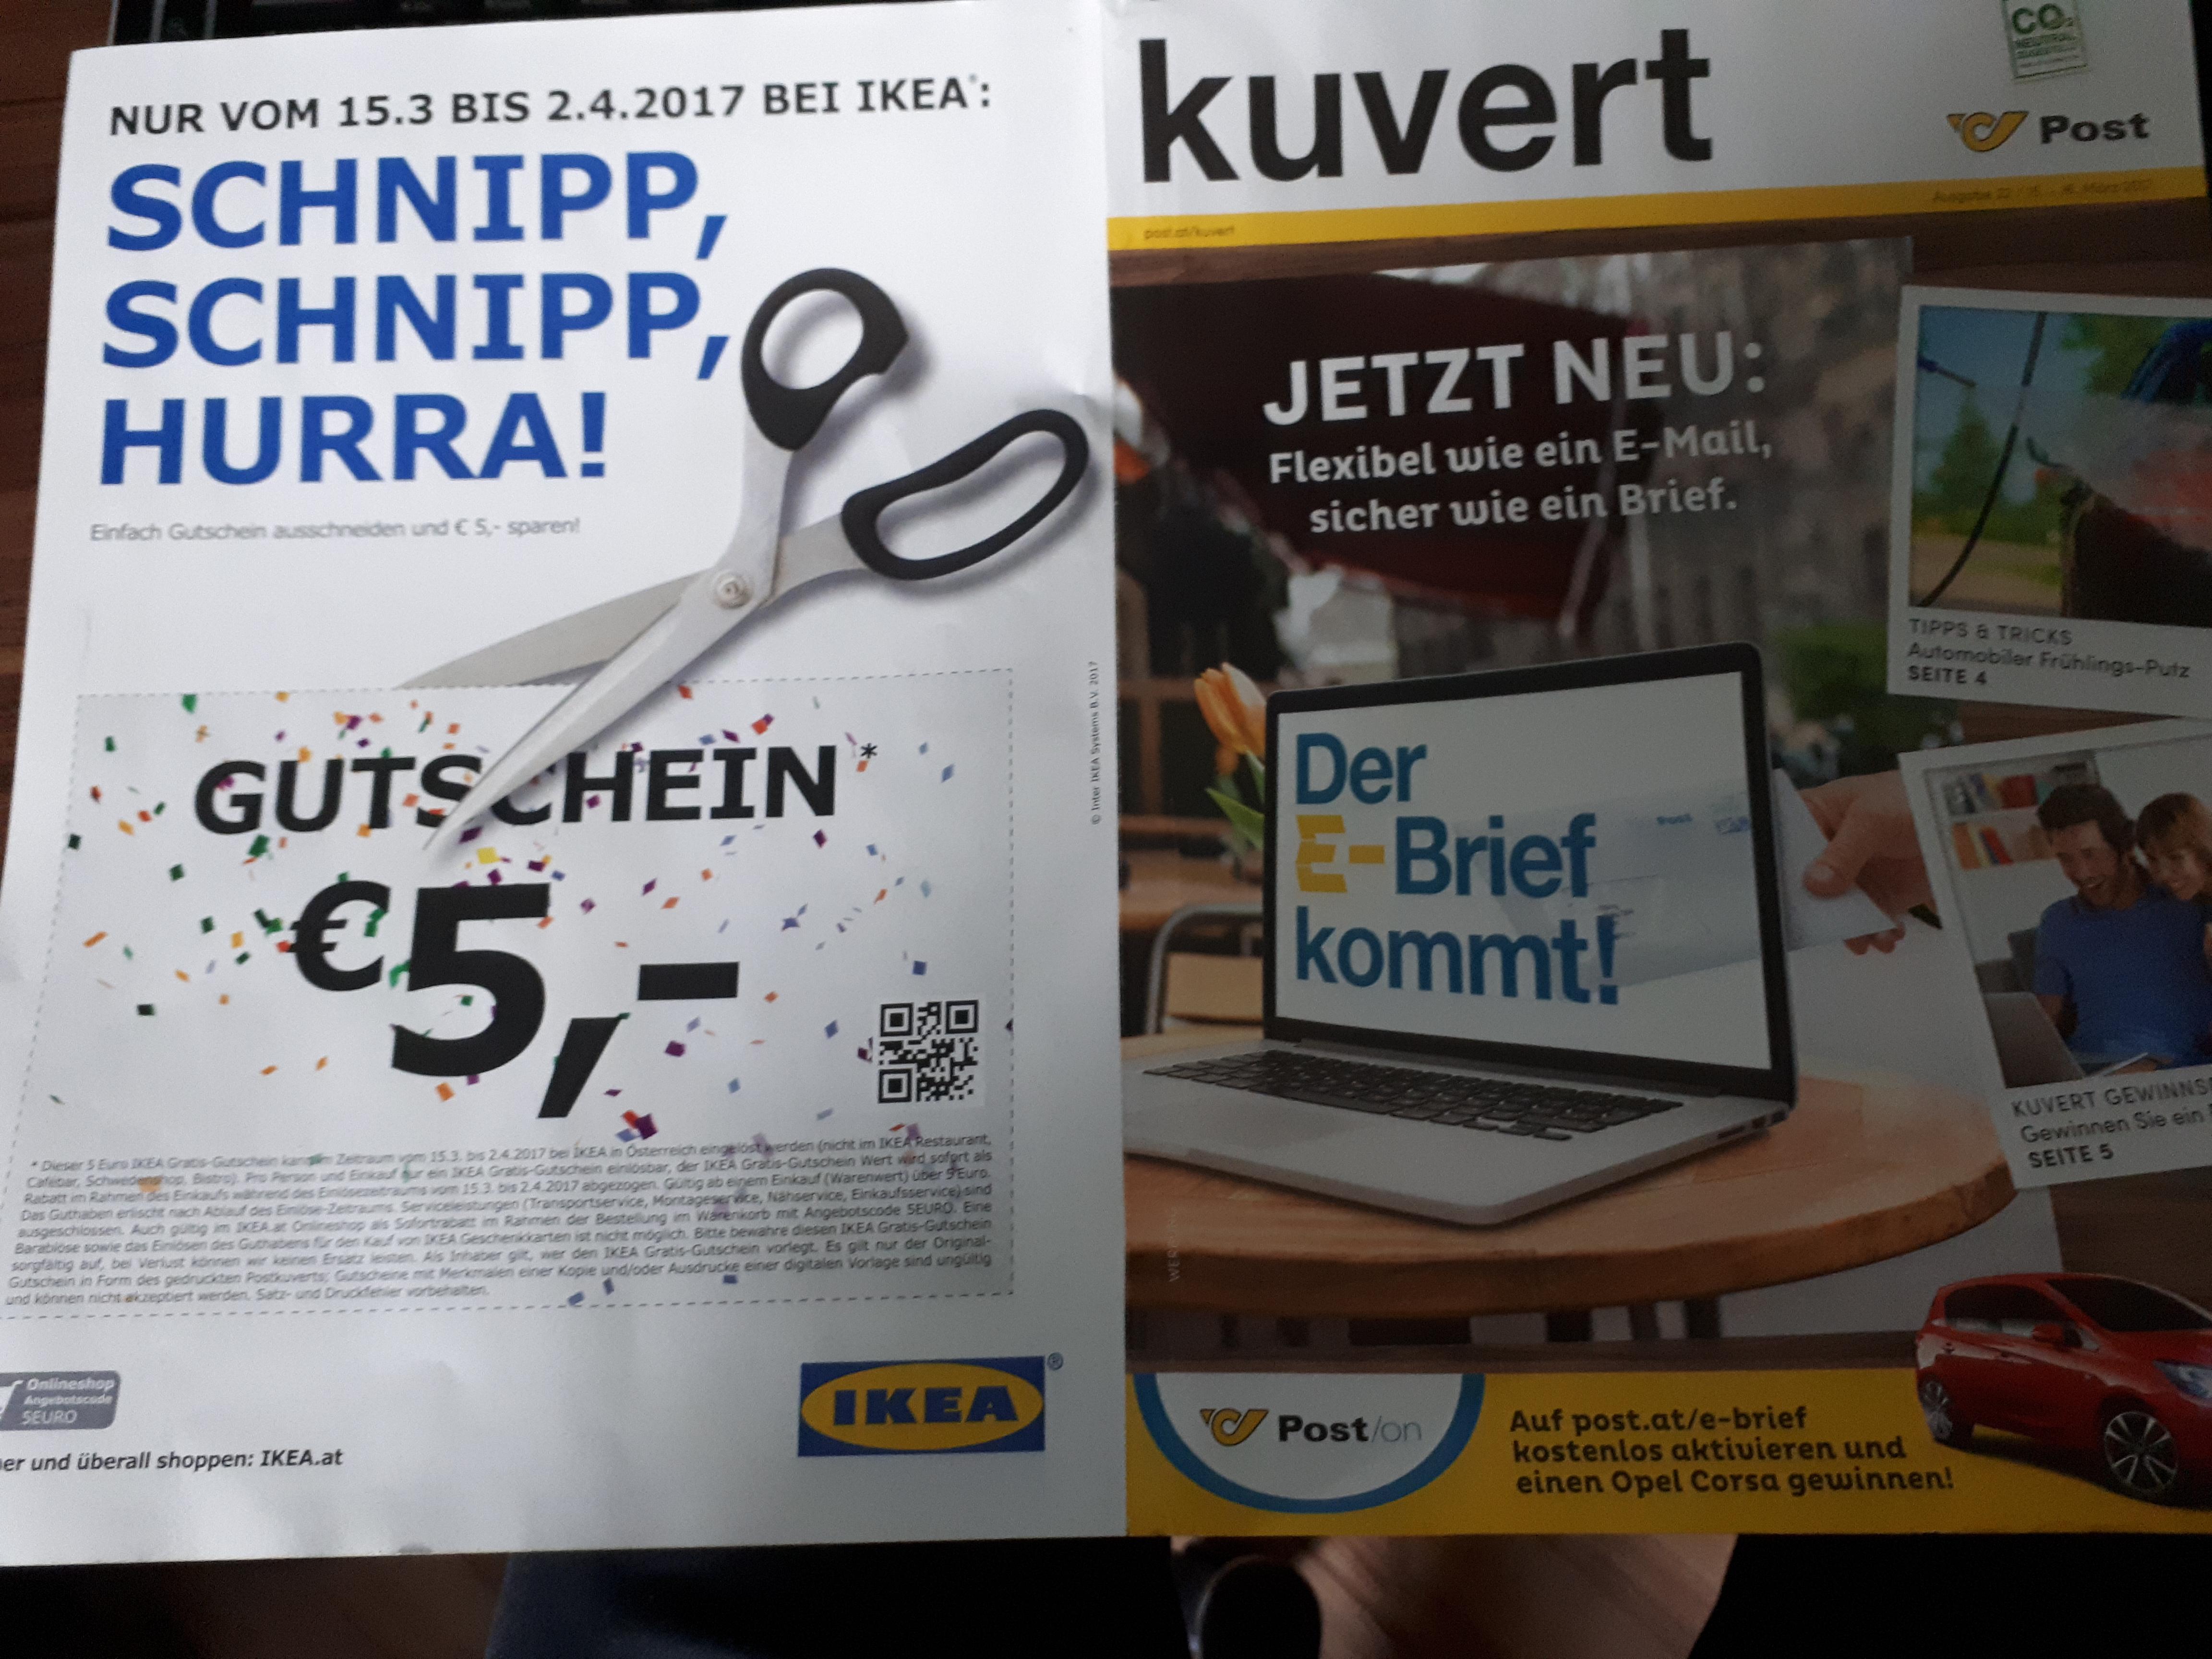 € 5,- Ikea Gutschein